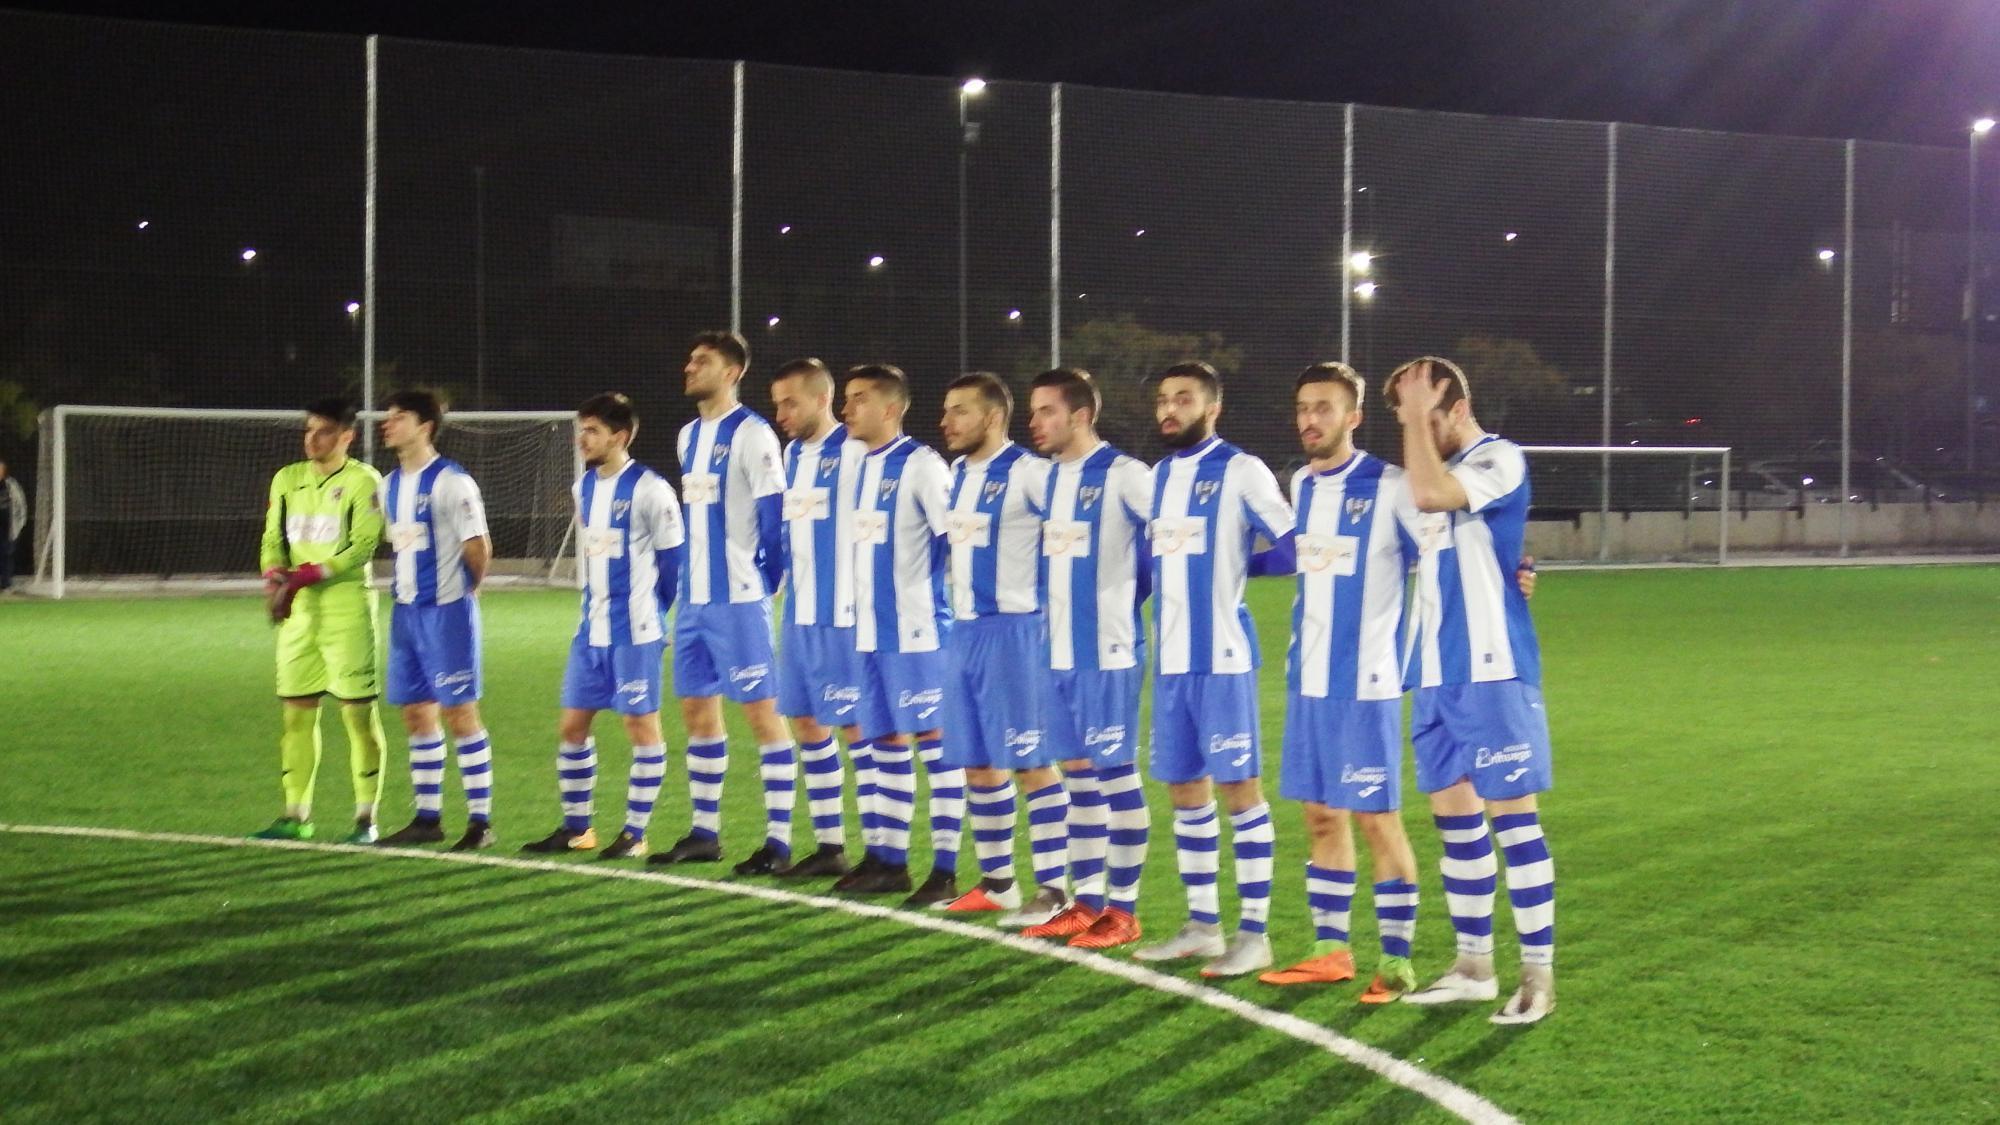 El Hogar Alcarreno Destila Futbol De Calidad Guada News